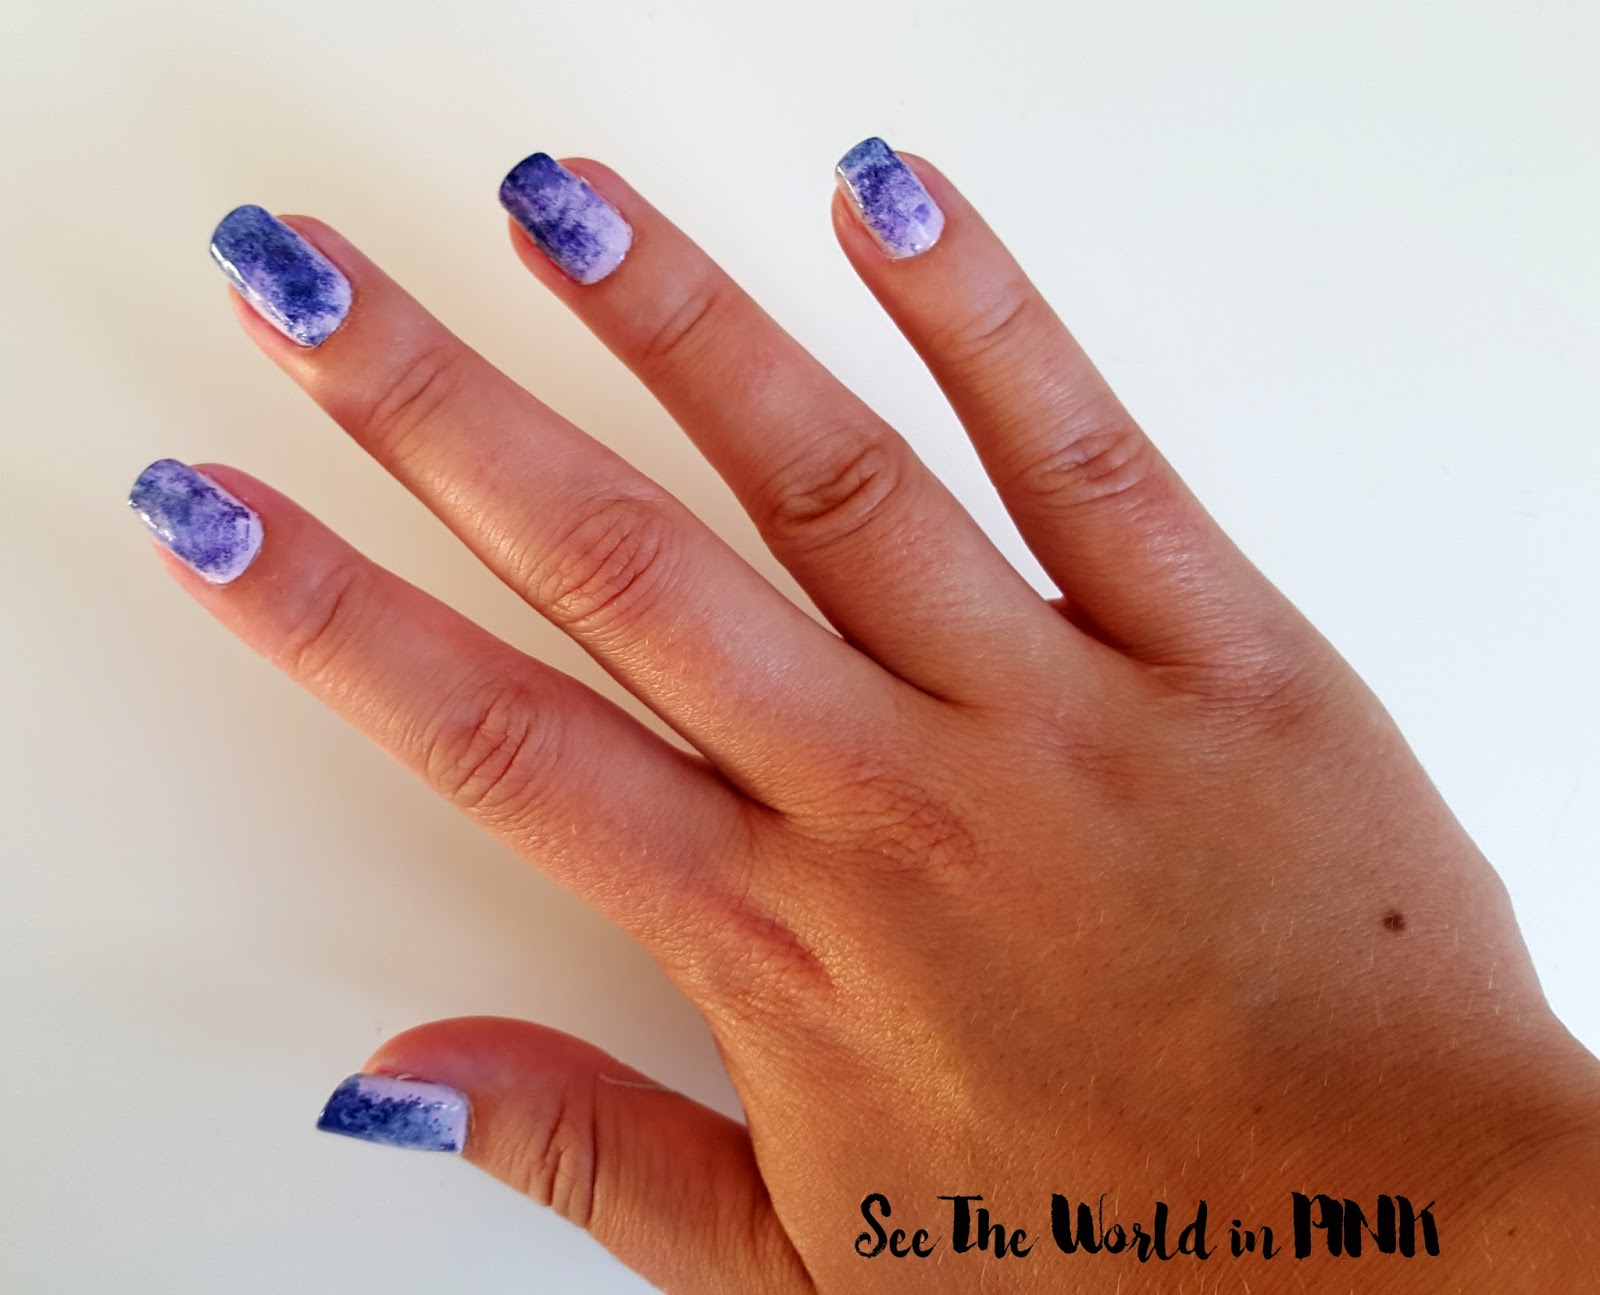 Manicure Monday - Purple Sponge Nails!